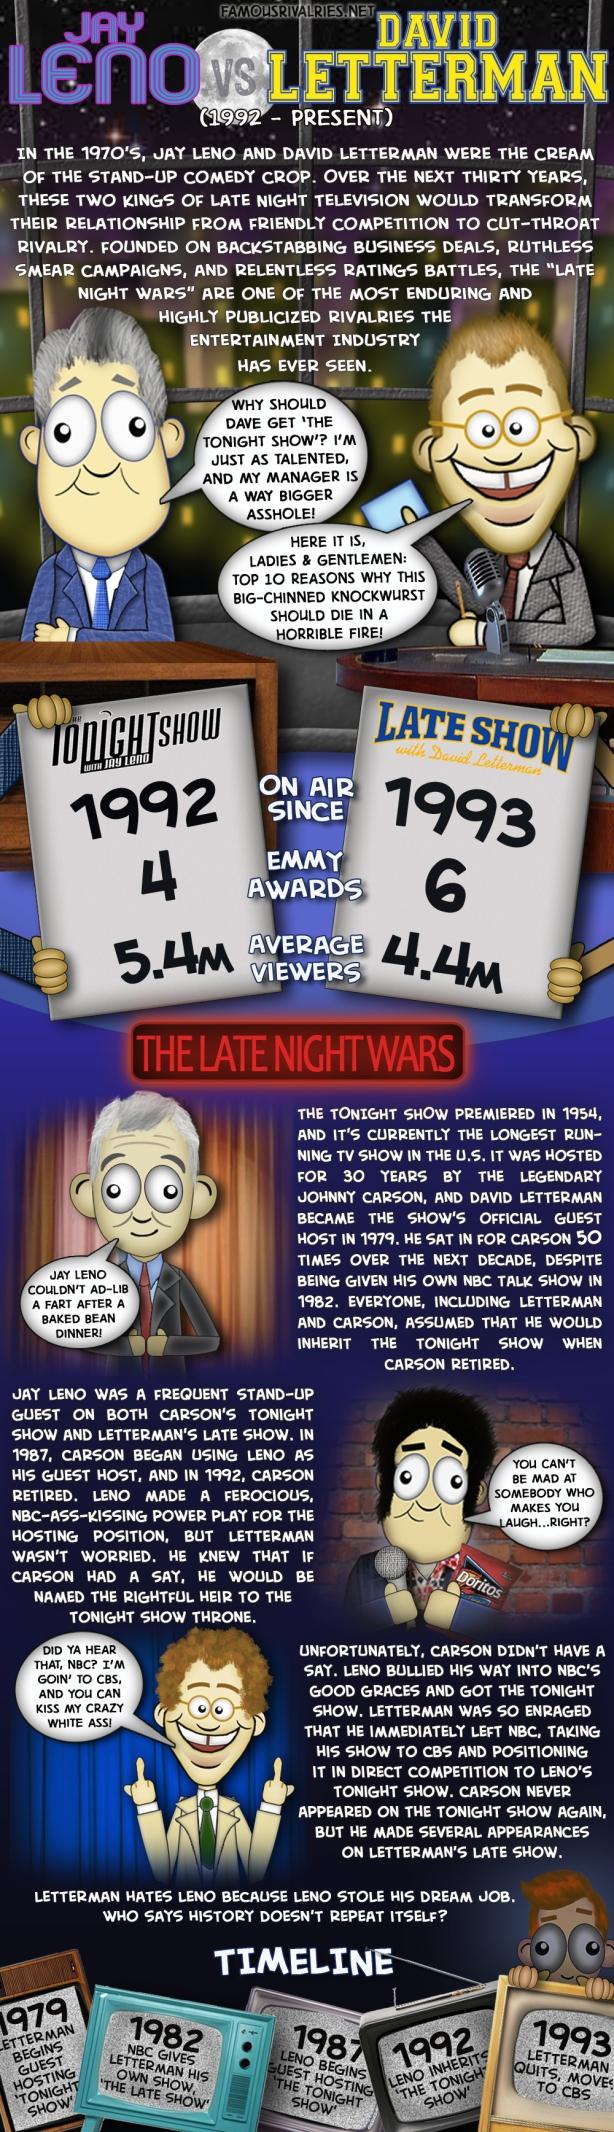 Leno vs. Letterman